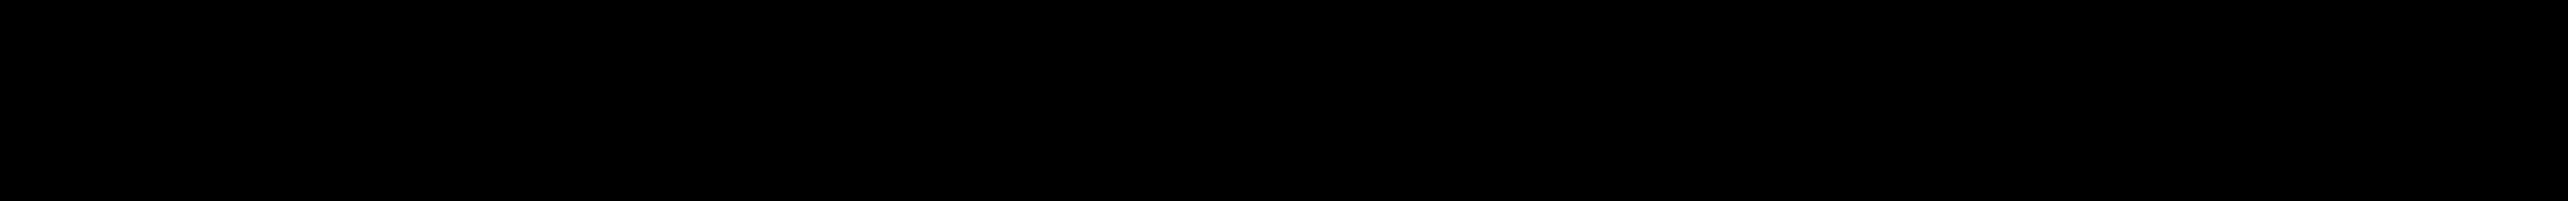 Sol Pro Condensed Black Italic